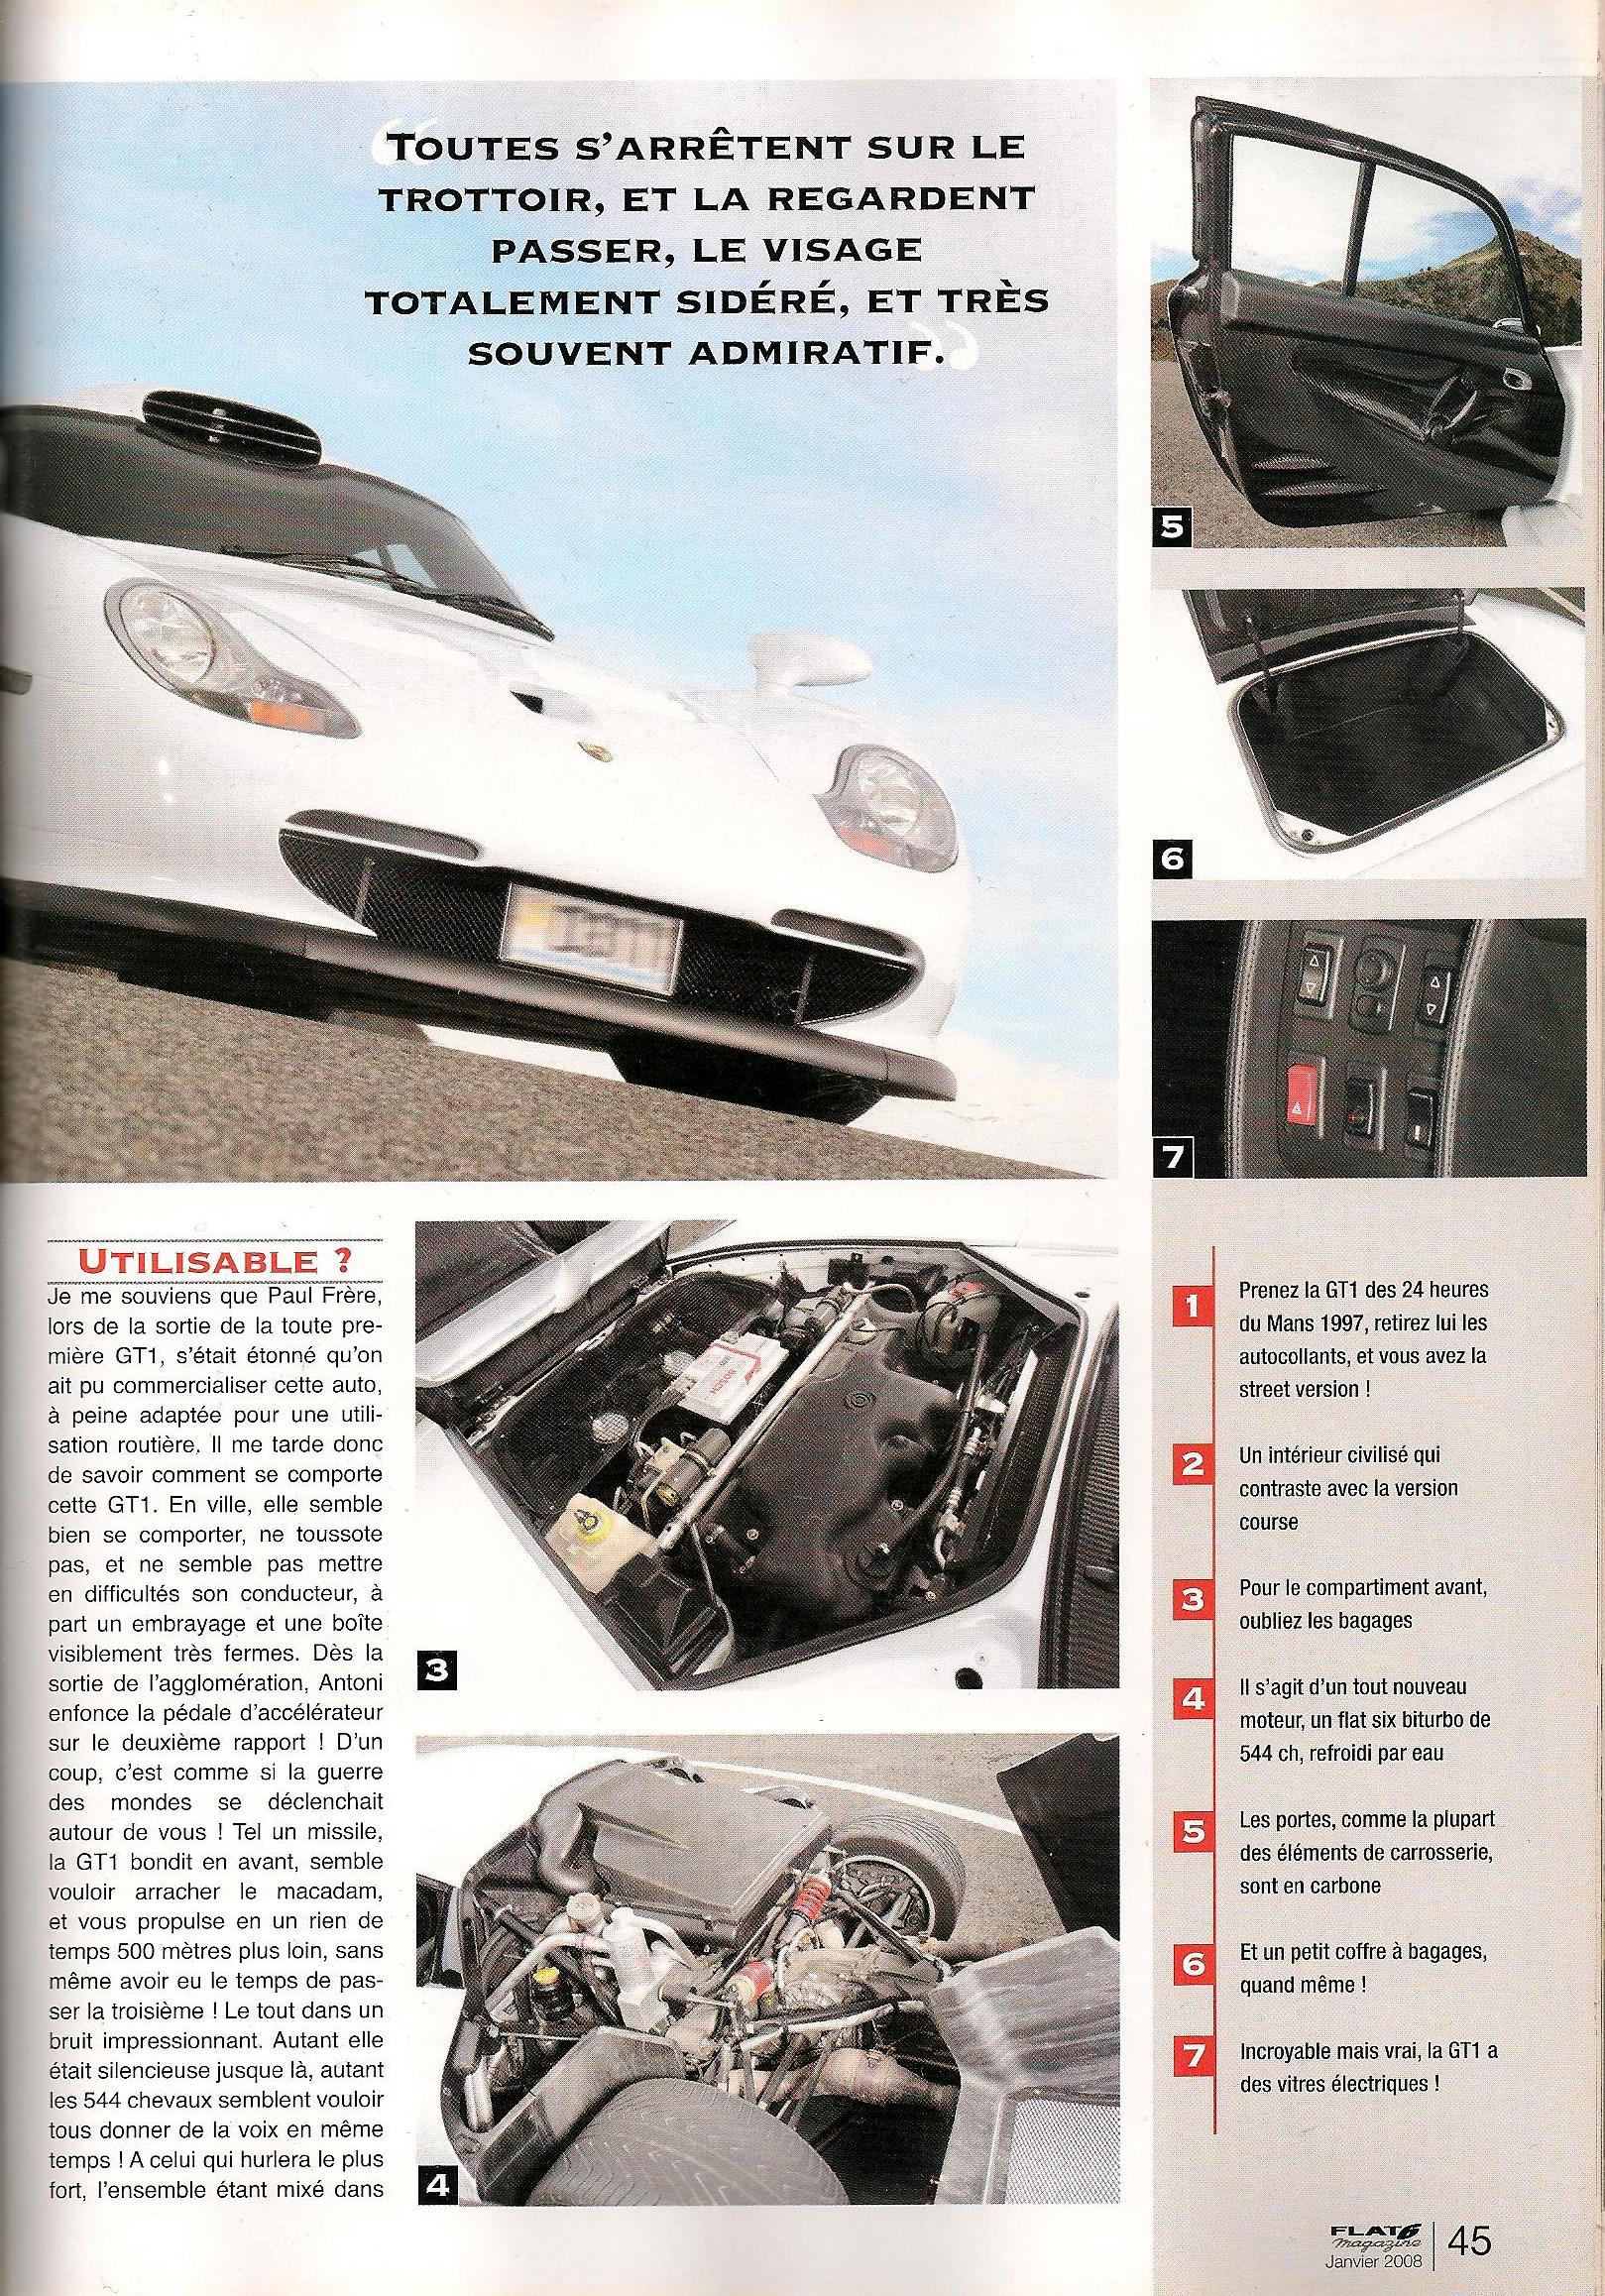 45 Cozy Prix D'une Porsche 911 Gt1 Cars Trend